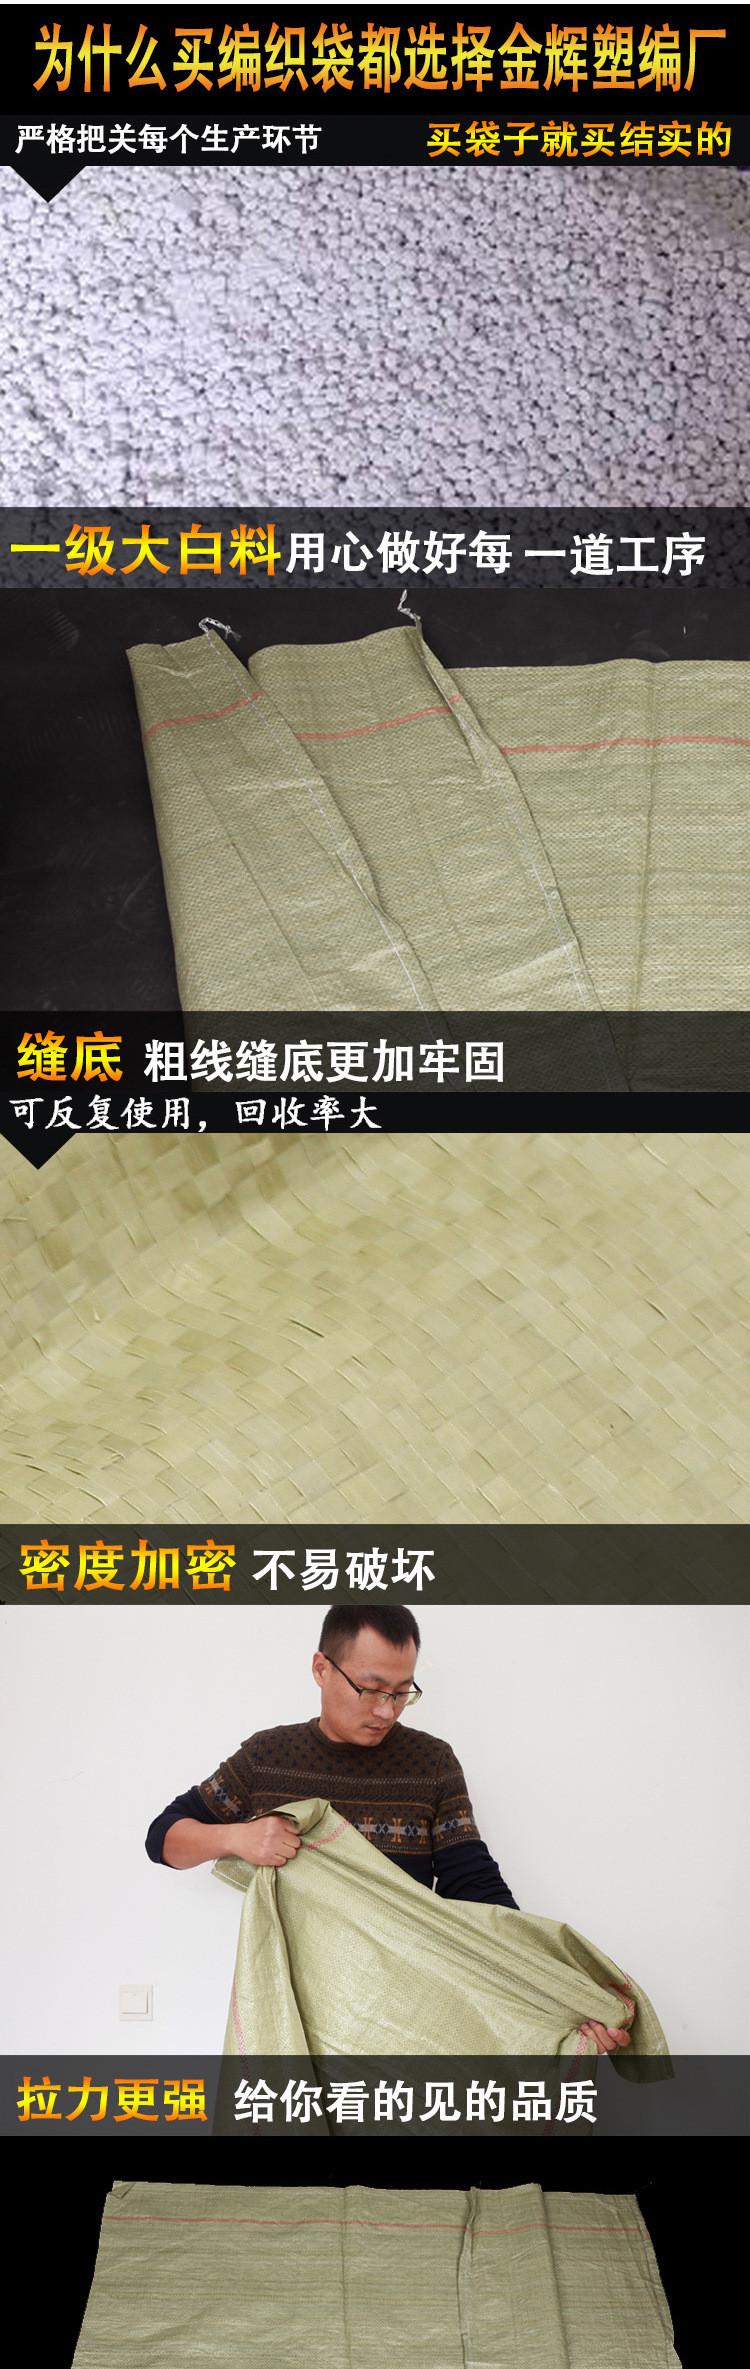 物流包装编织袋特宽蛇皮袋厂家直销打包袋爆款100*152灰色薄款示例图19